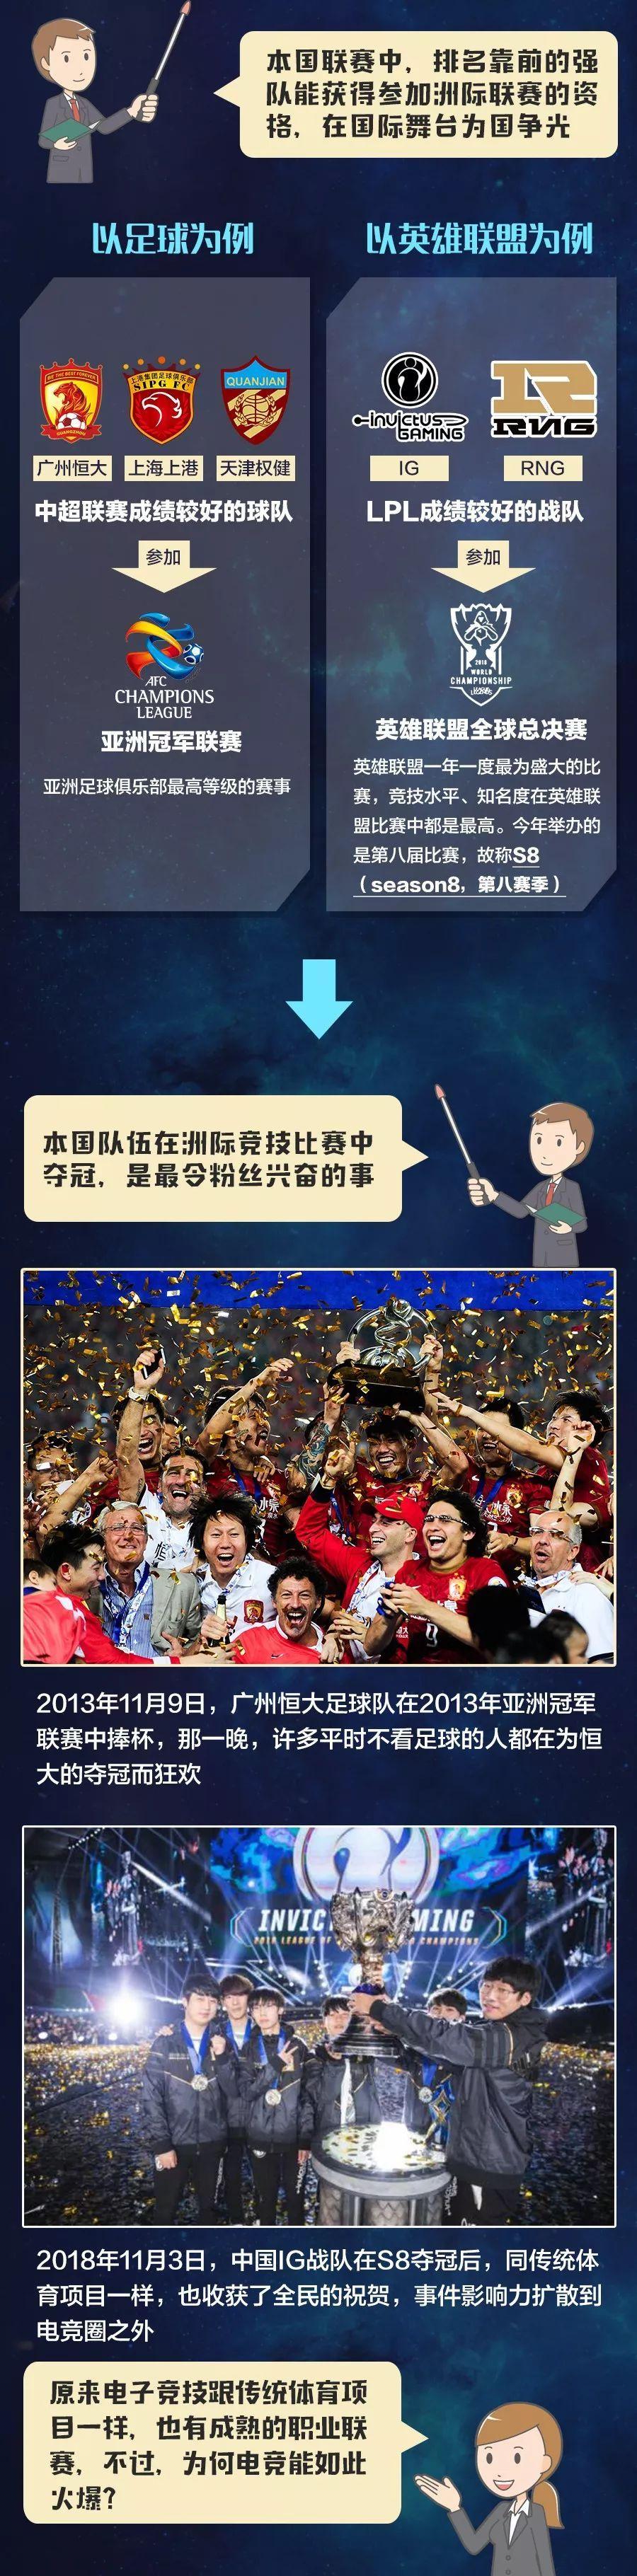 IG夺冠刷屏的背后 是一个200000000多人的庞大群体!的照片 - 9